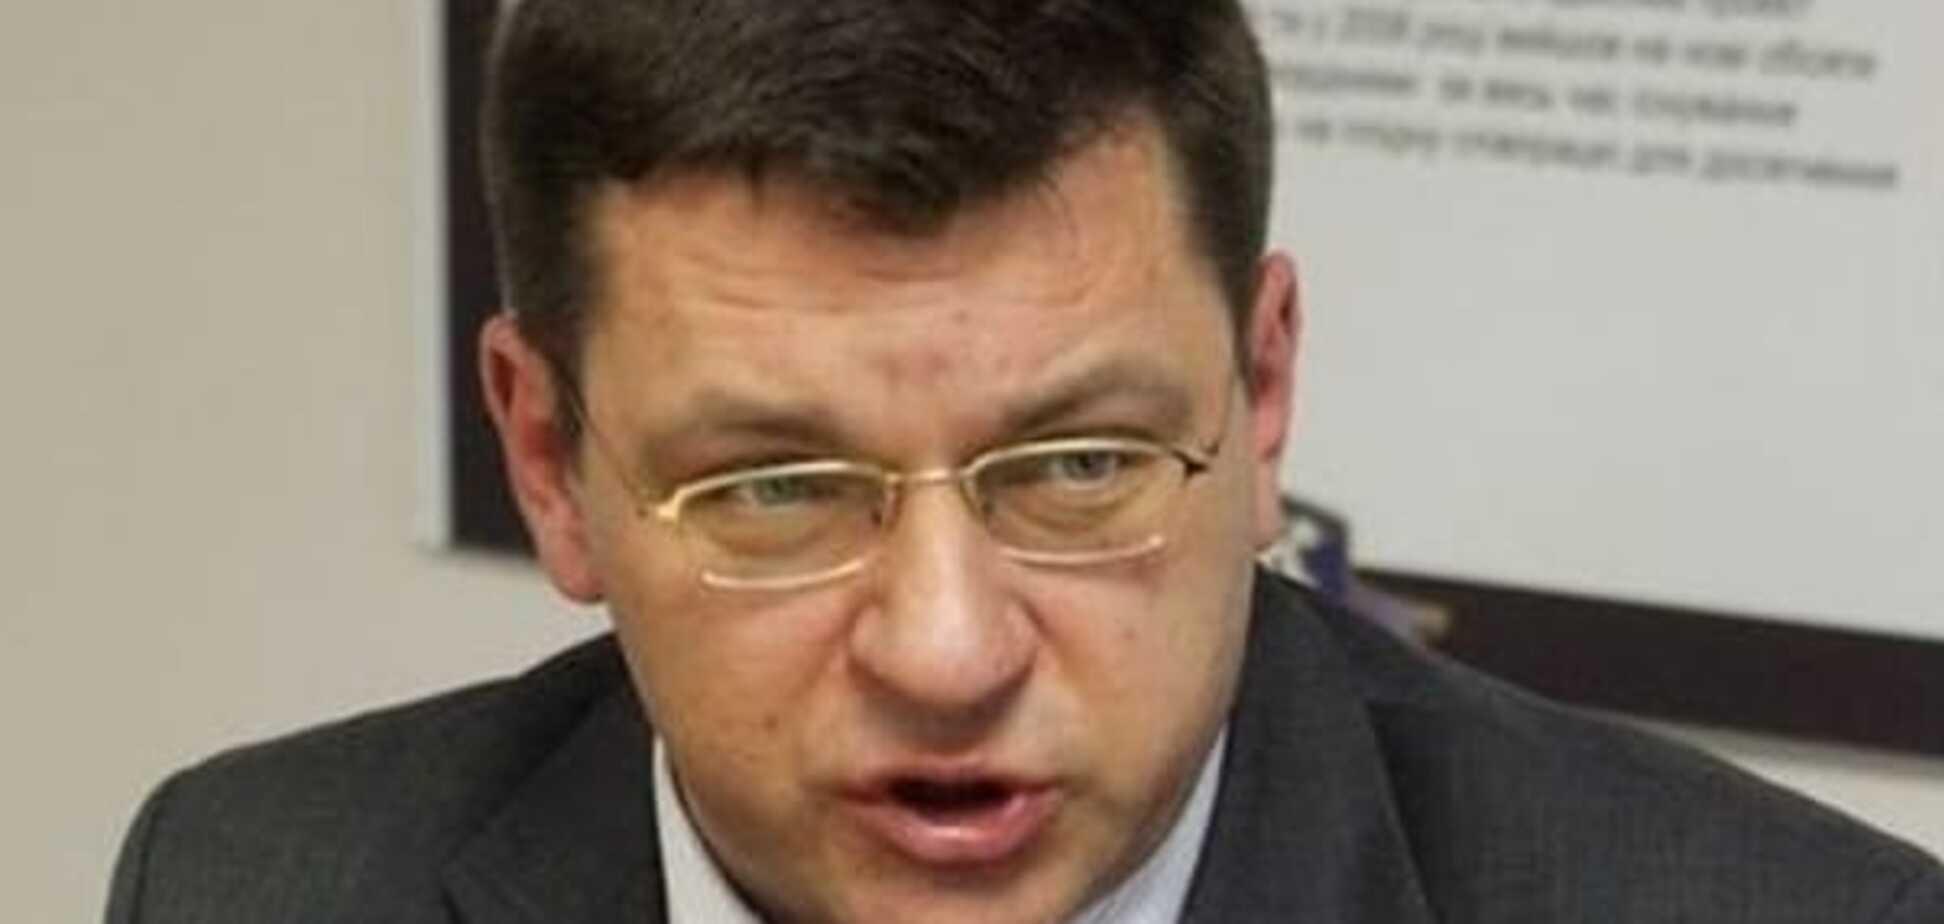 Партія вільних демократів знову в передвиборній гонці - Одарич